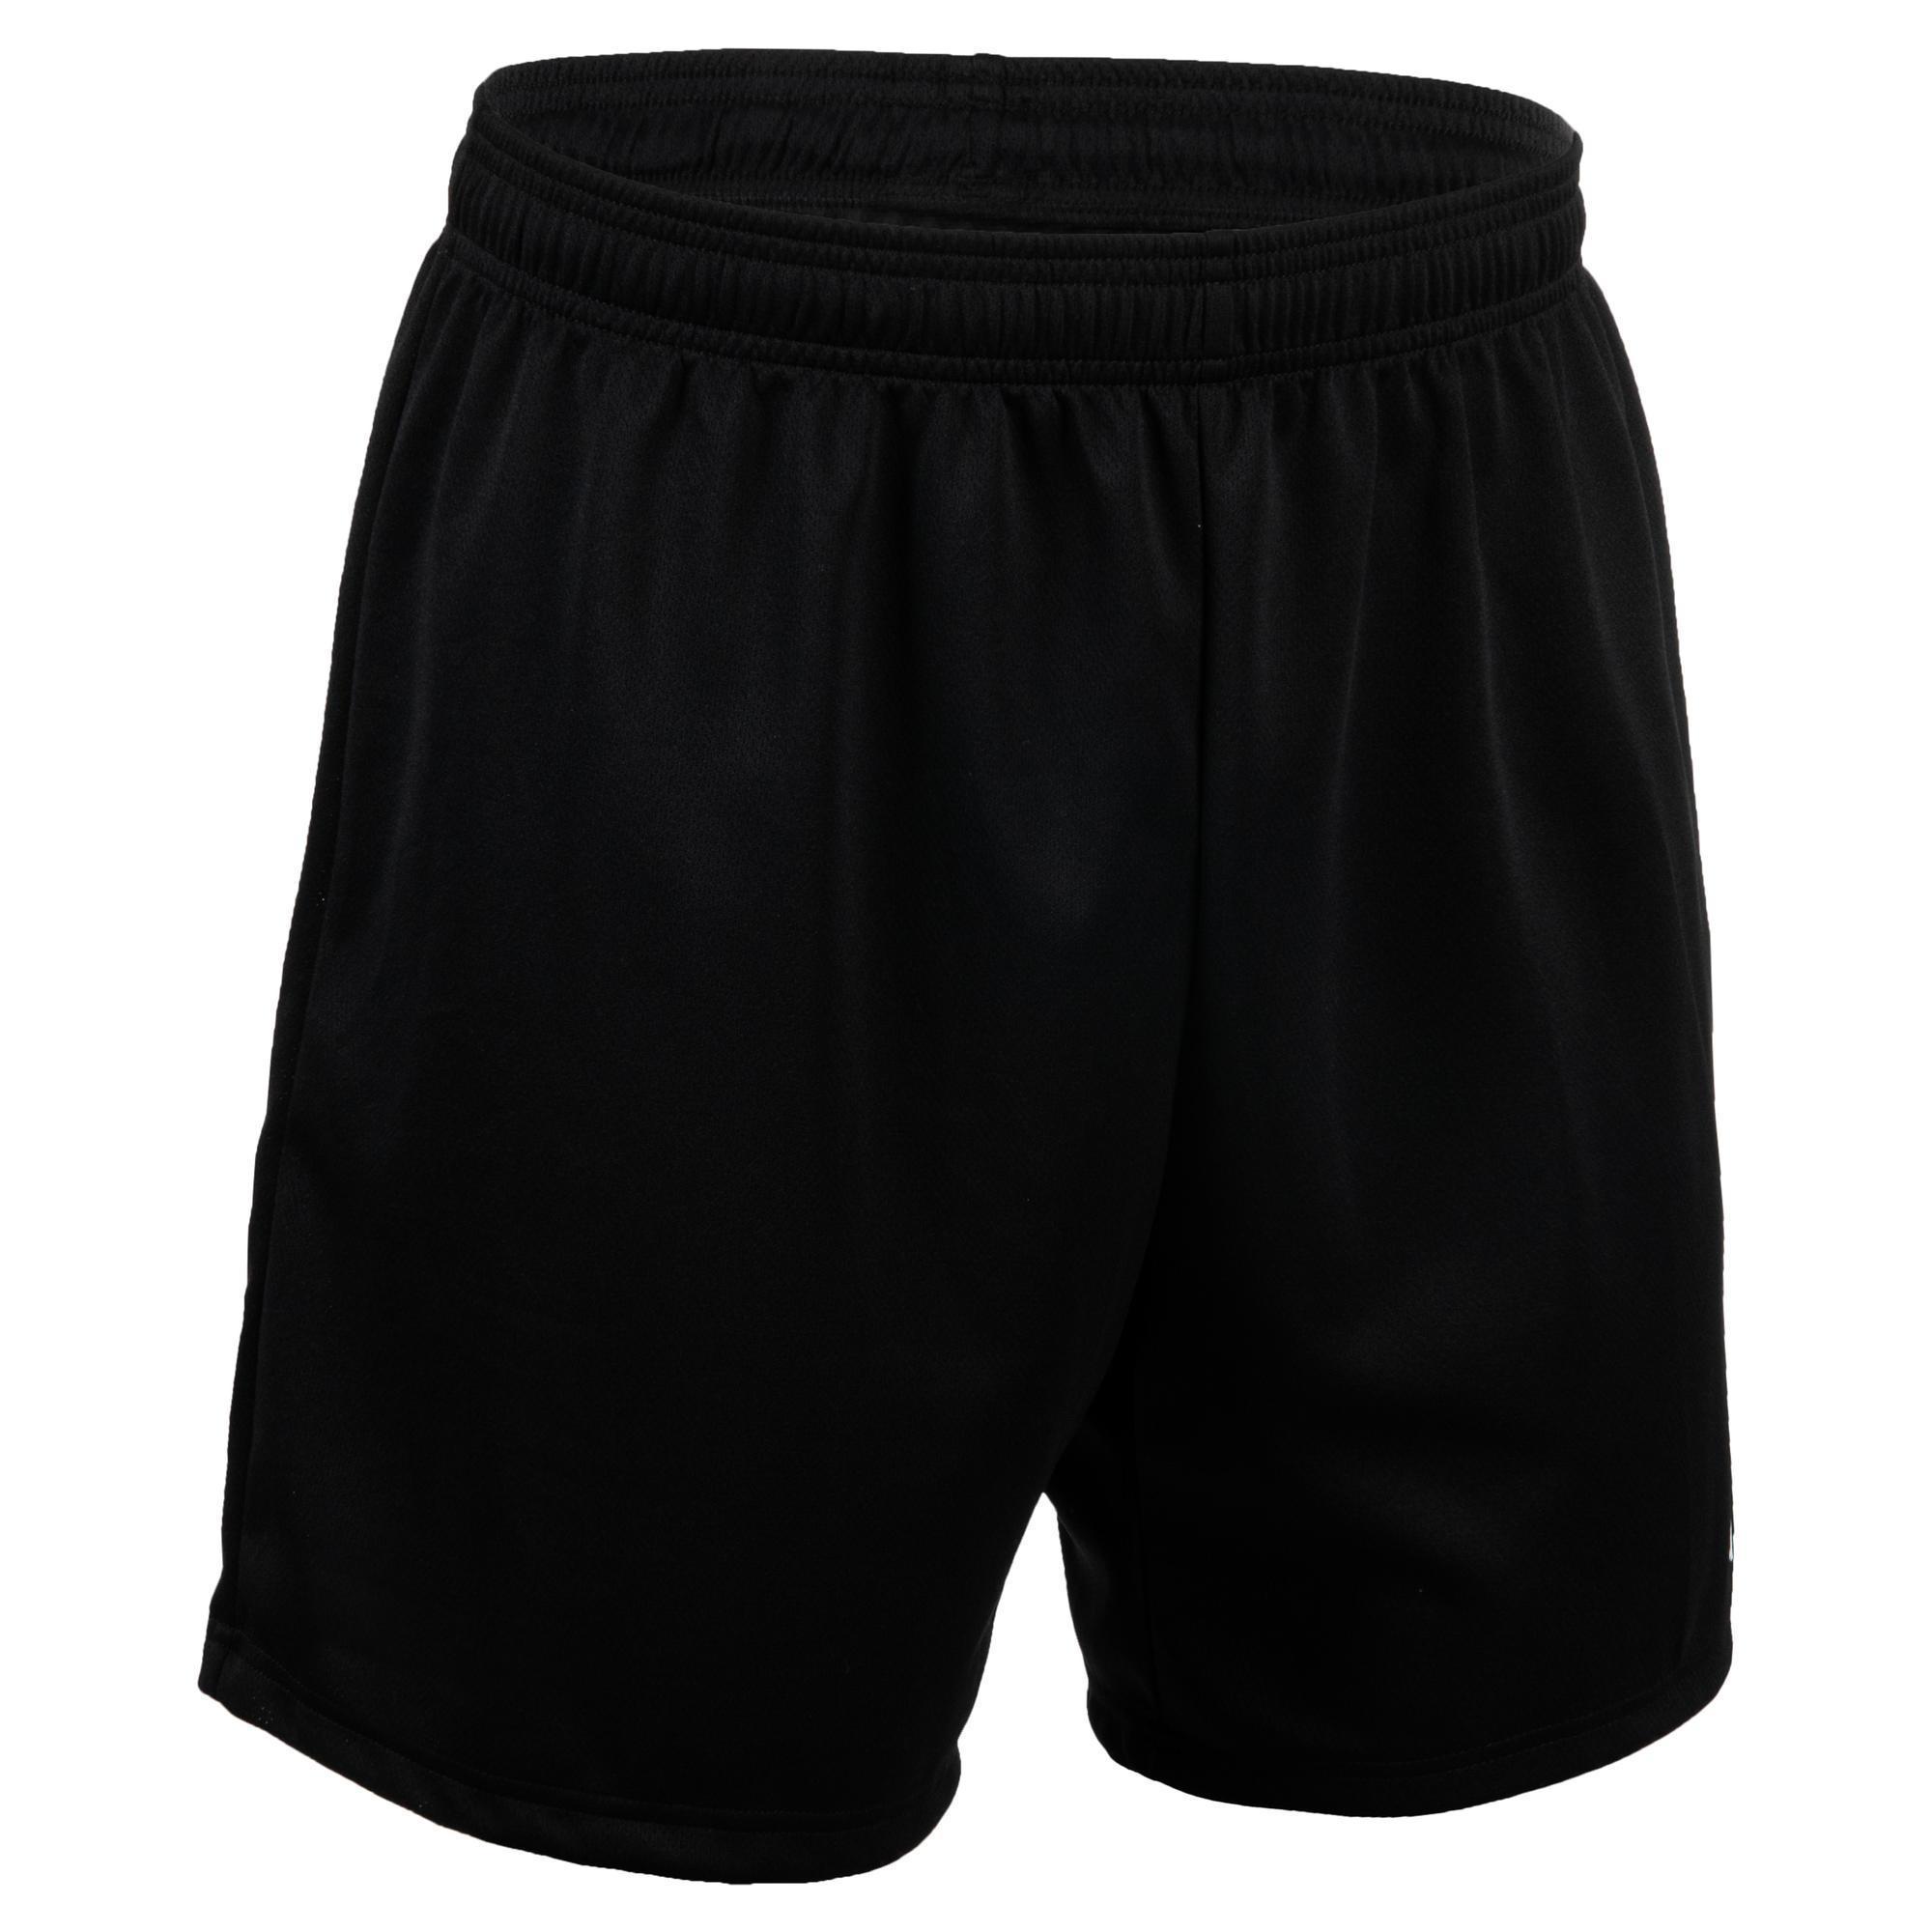 Volleyballshorts V100 Herren schwarz | Sportbekleidung > Sporthosen > Sportshorts | Schwarz | Allsix